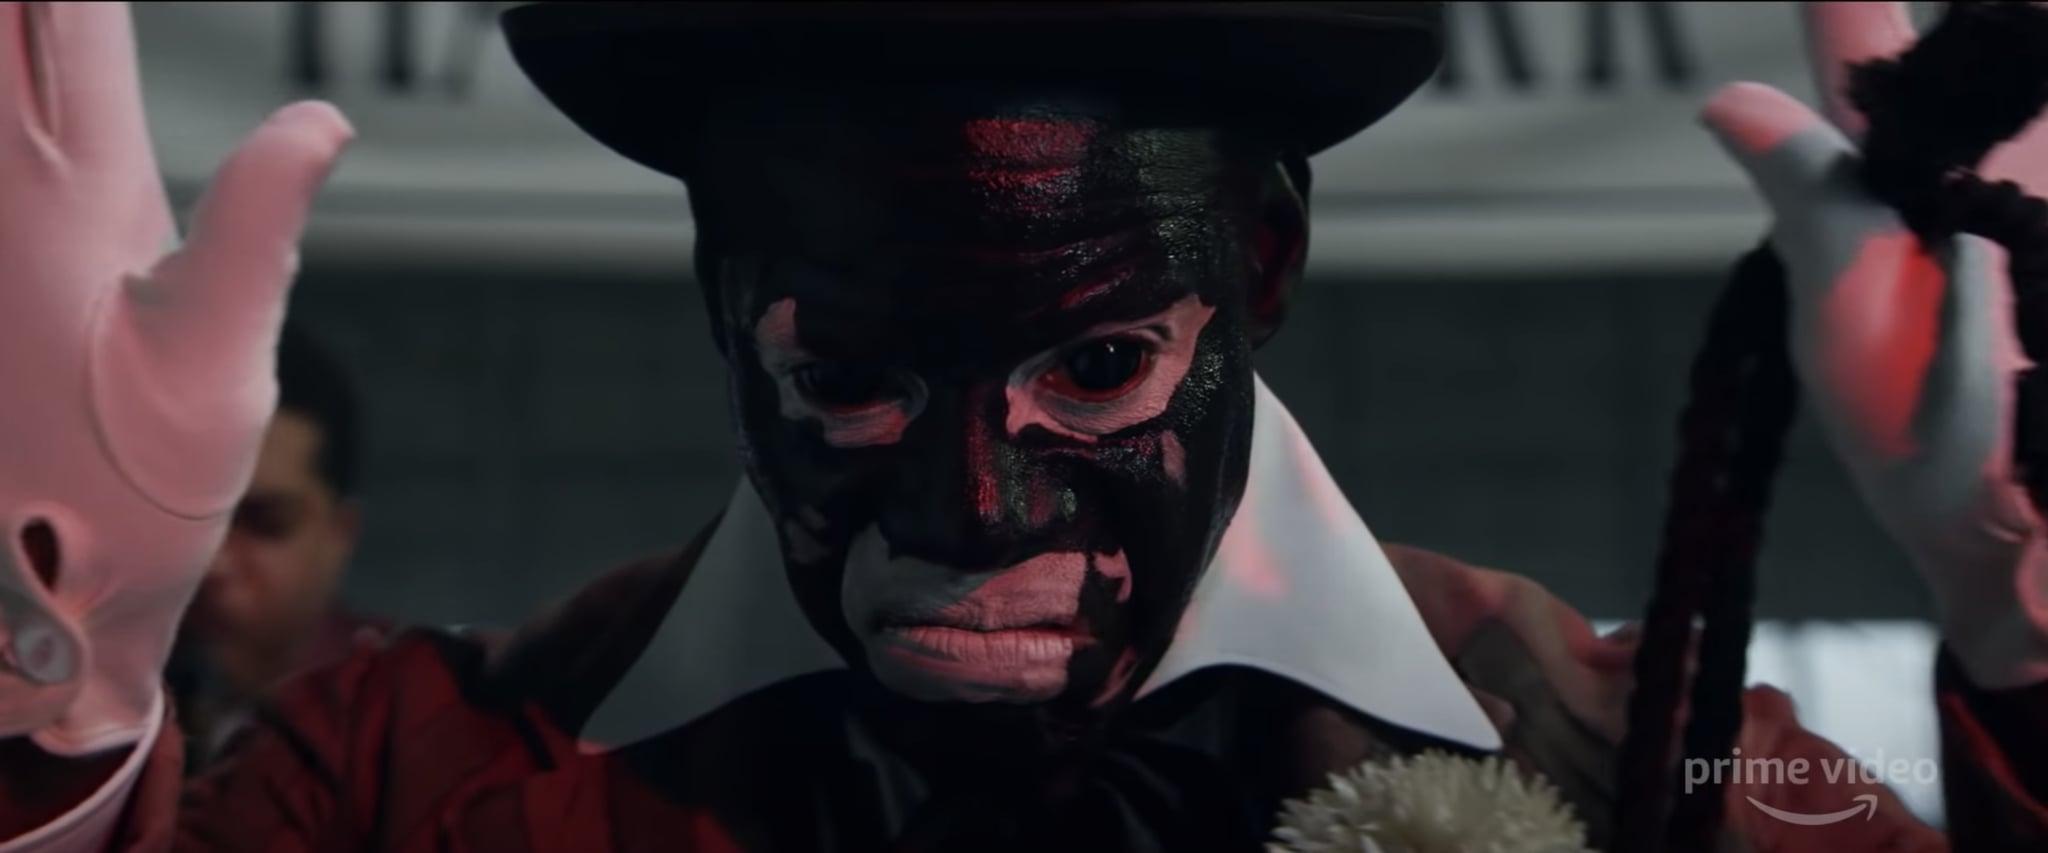 Cena da série Them. Nela, vemos um homem com o corpo pintado de preto, cor de piche, mas com os olhos e a boca contornados de branco. Ele usa chapéu preto e luvas brancas, tem as mãos levantadas e segura um objeto como uma bengala preta na mão esquerda.